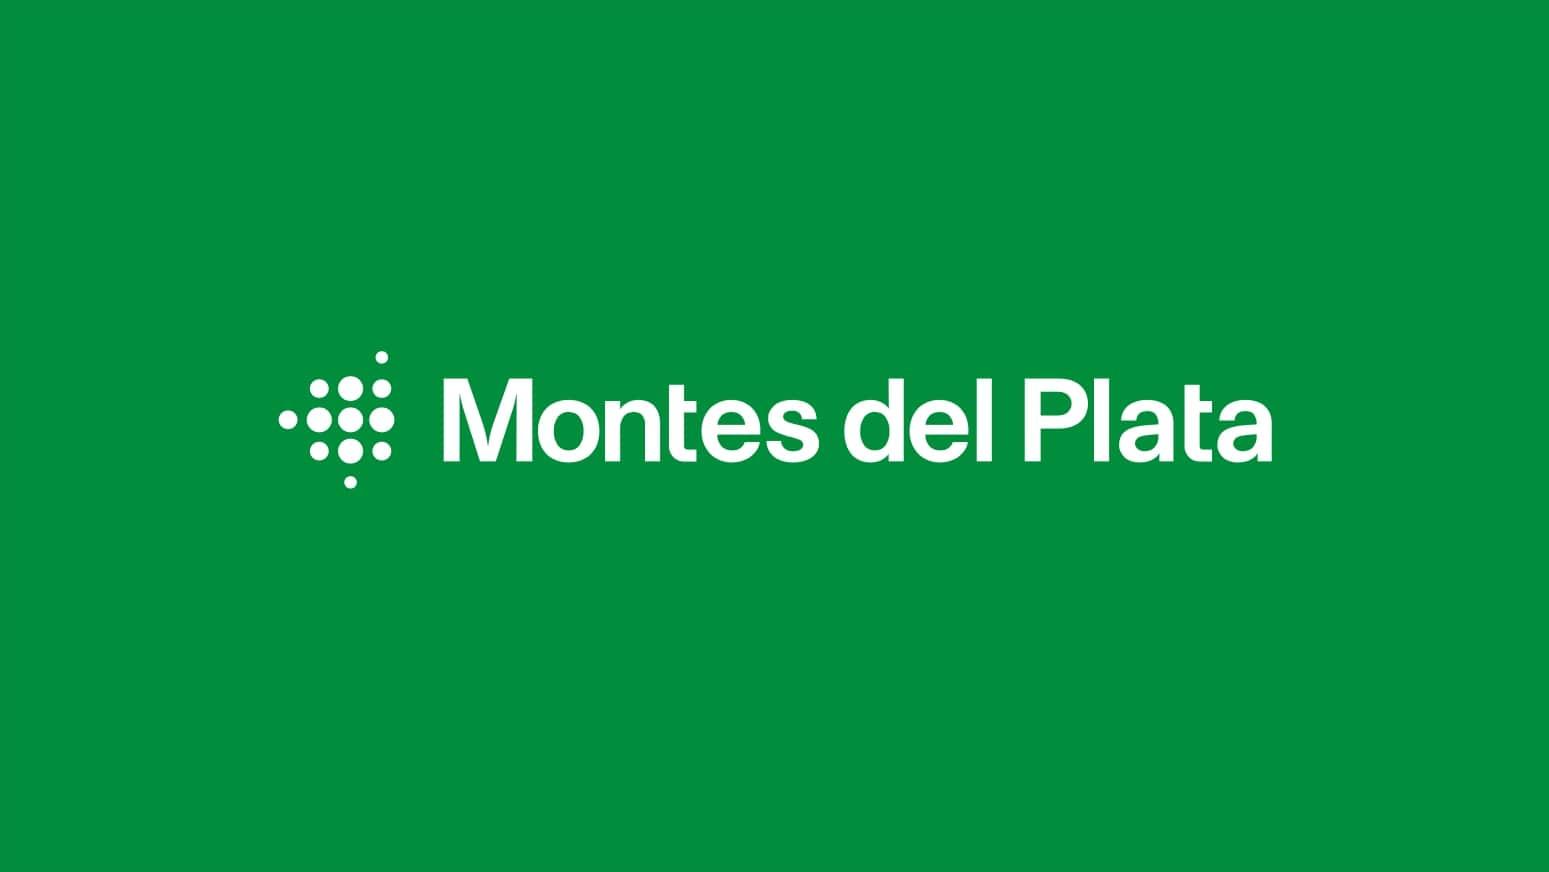 Our Company | Montes del Plata